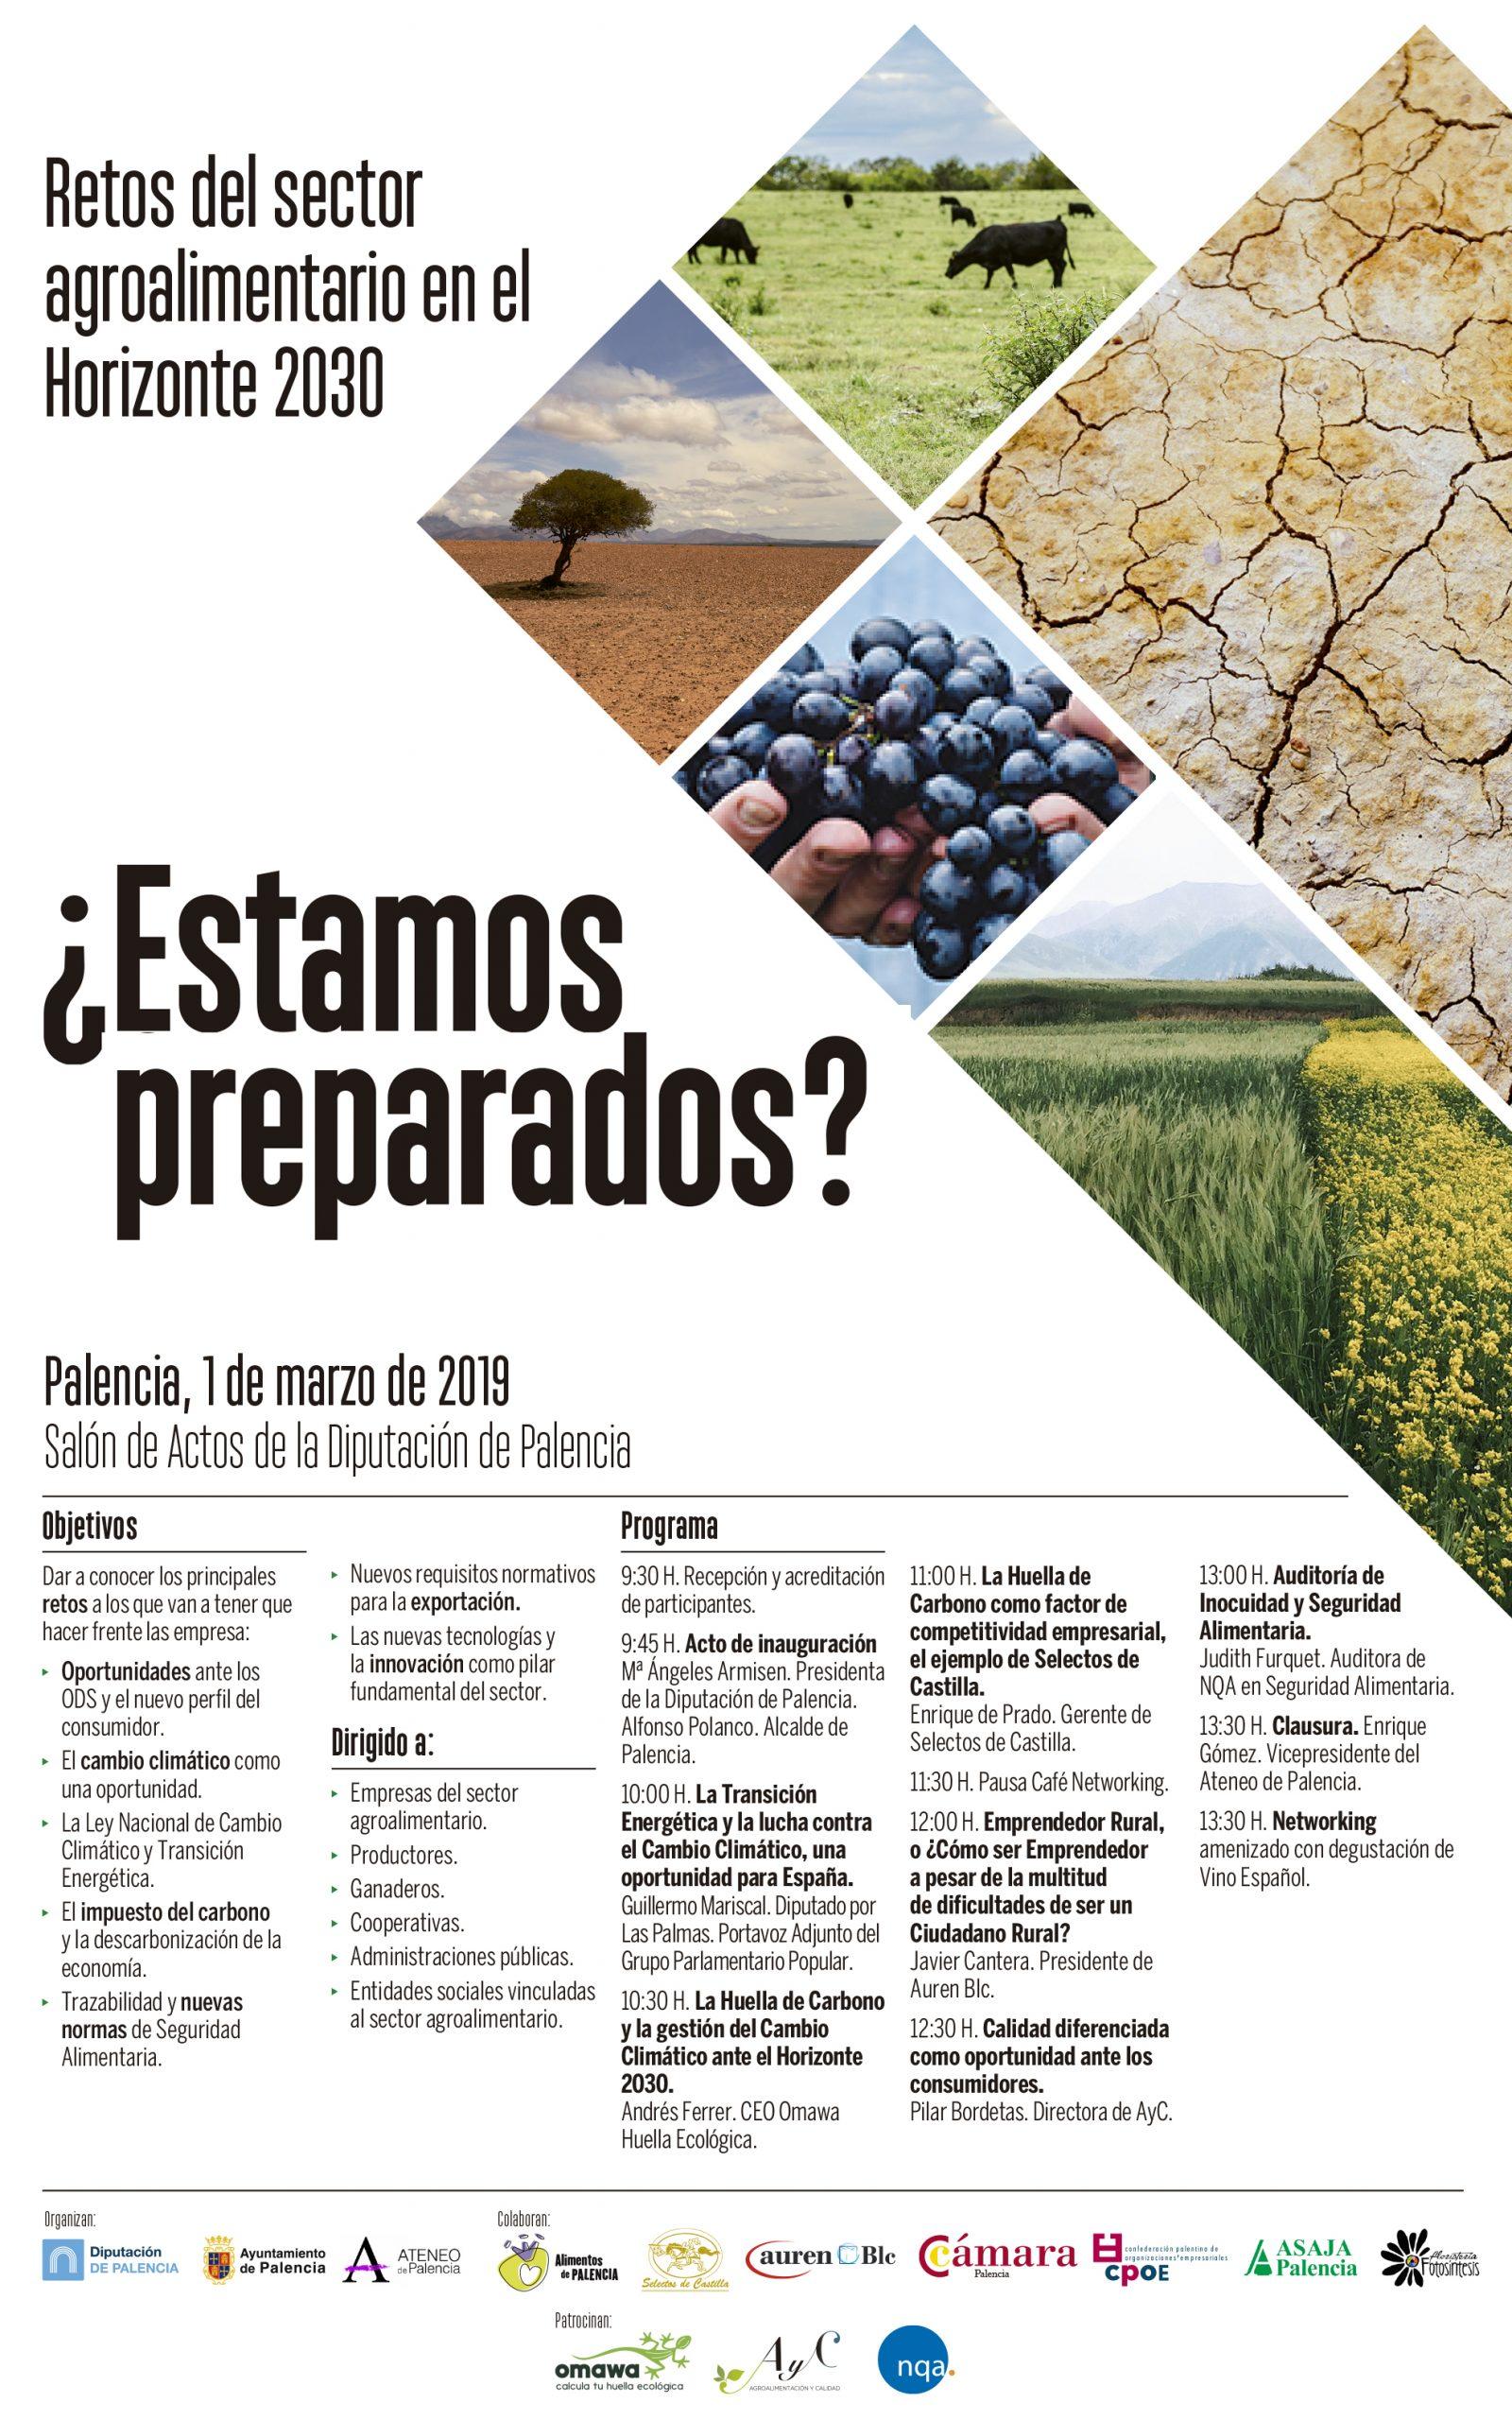 Jornada para abordar los retos del sector agroalimentario